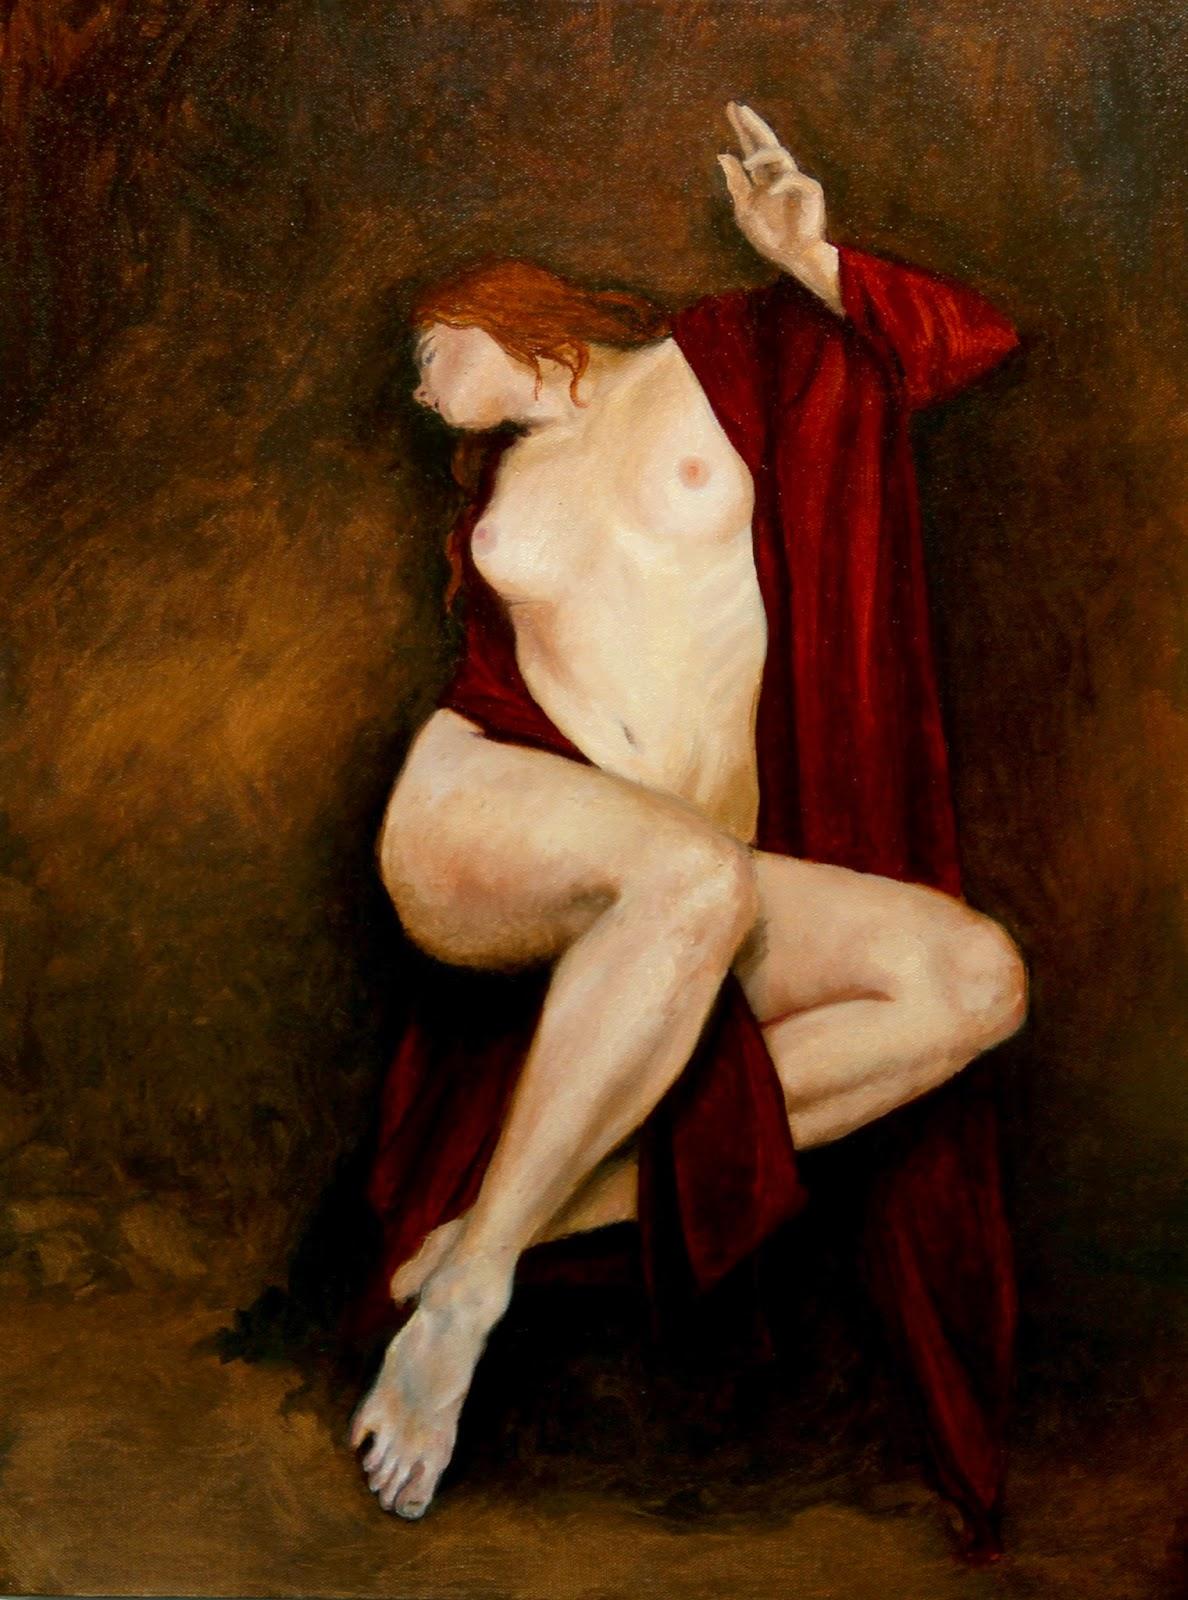 Delphi by Elise Mesnard